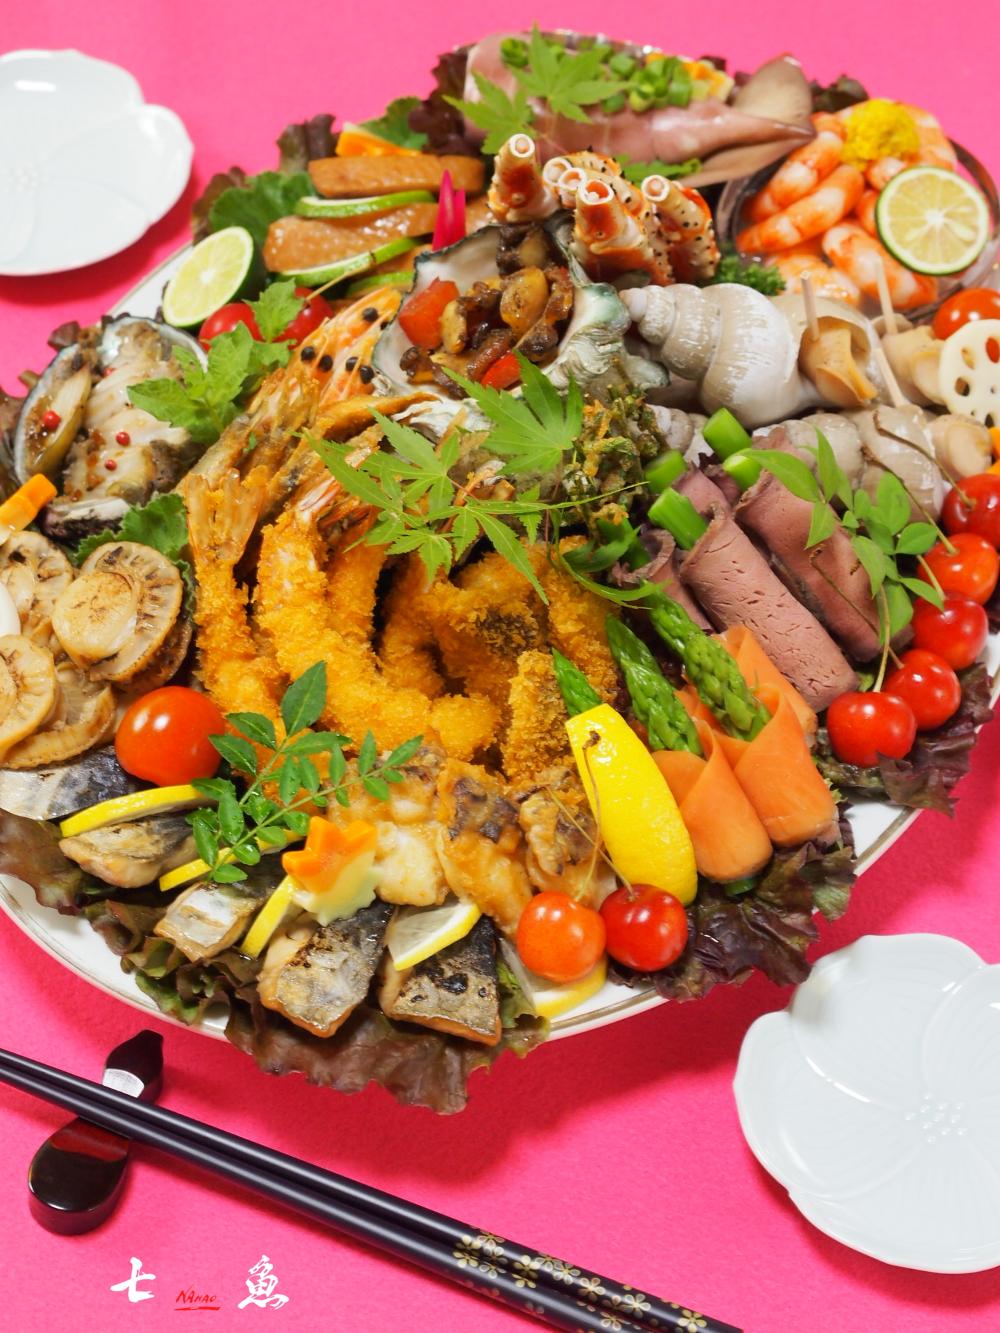 【配達】歓送迎会料理の予約受付中!